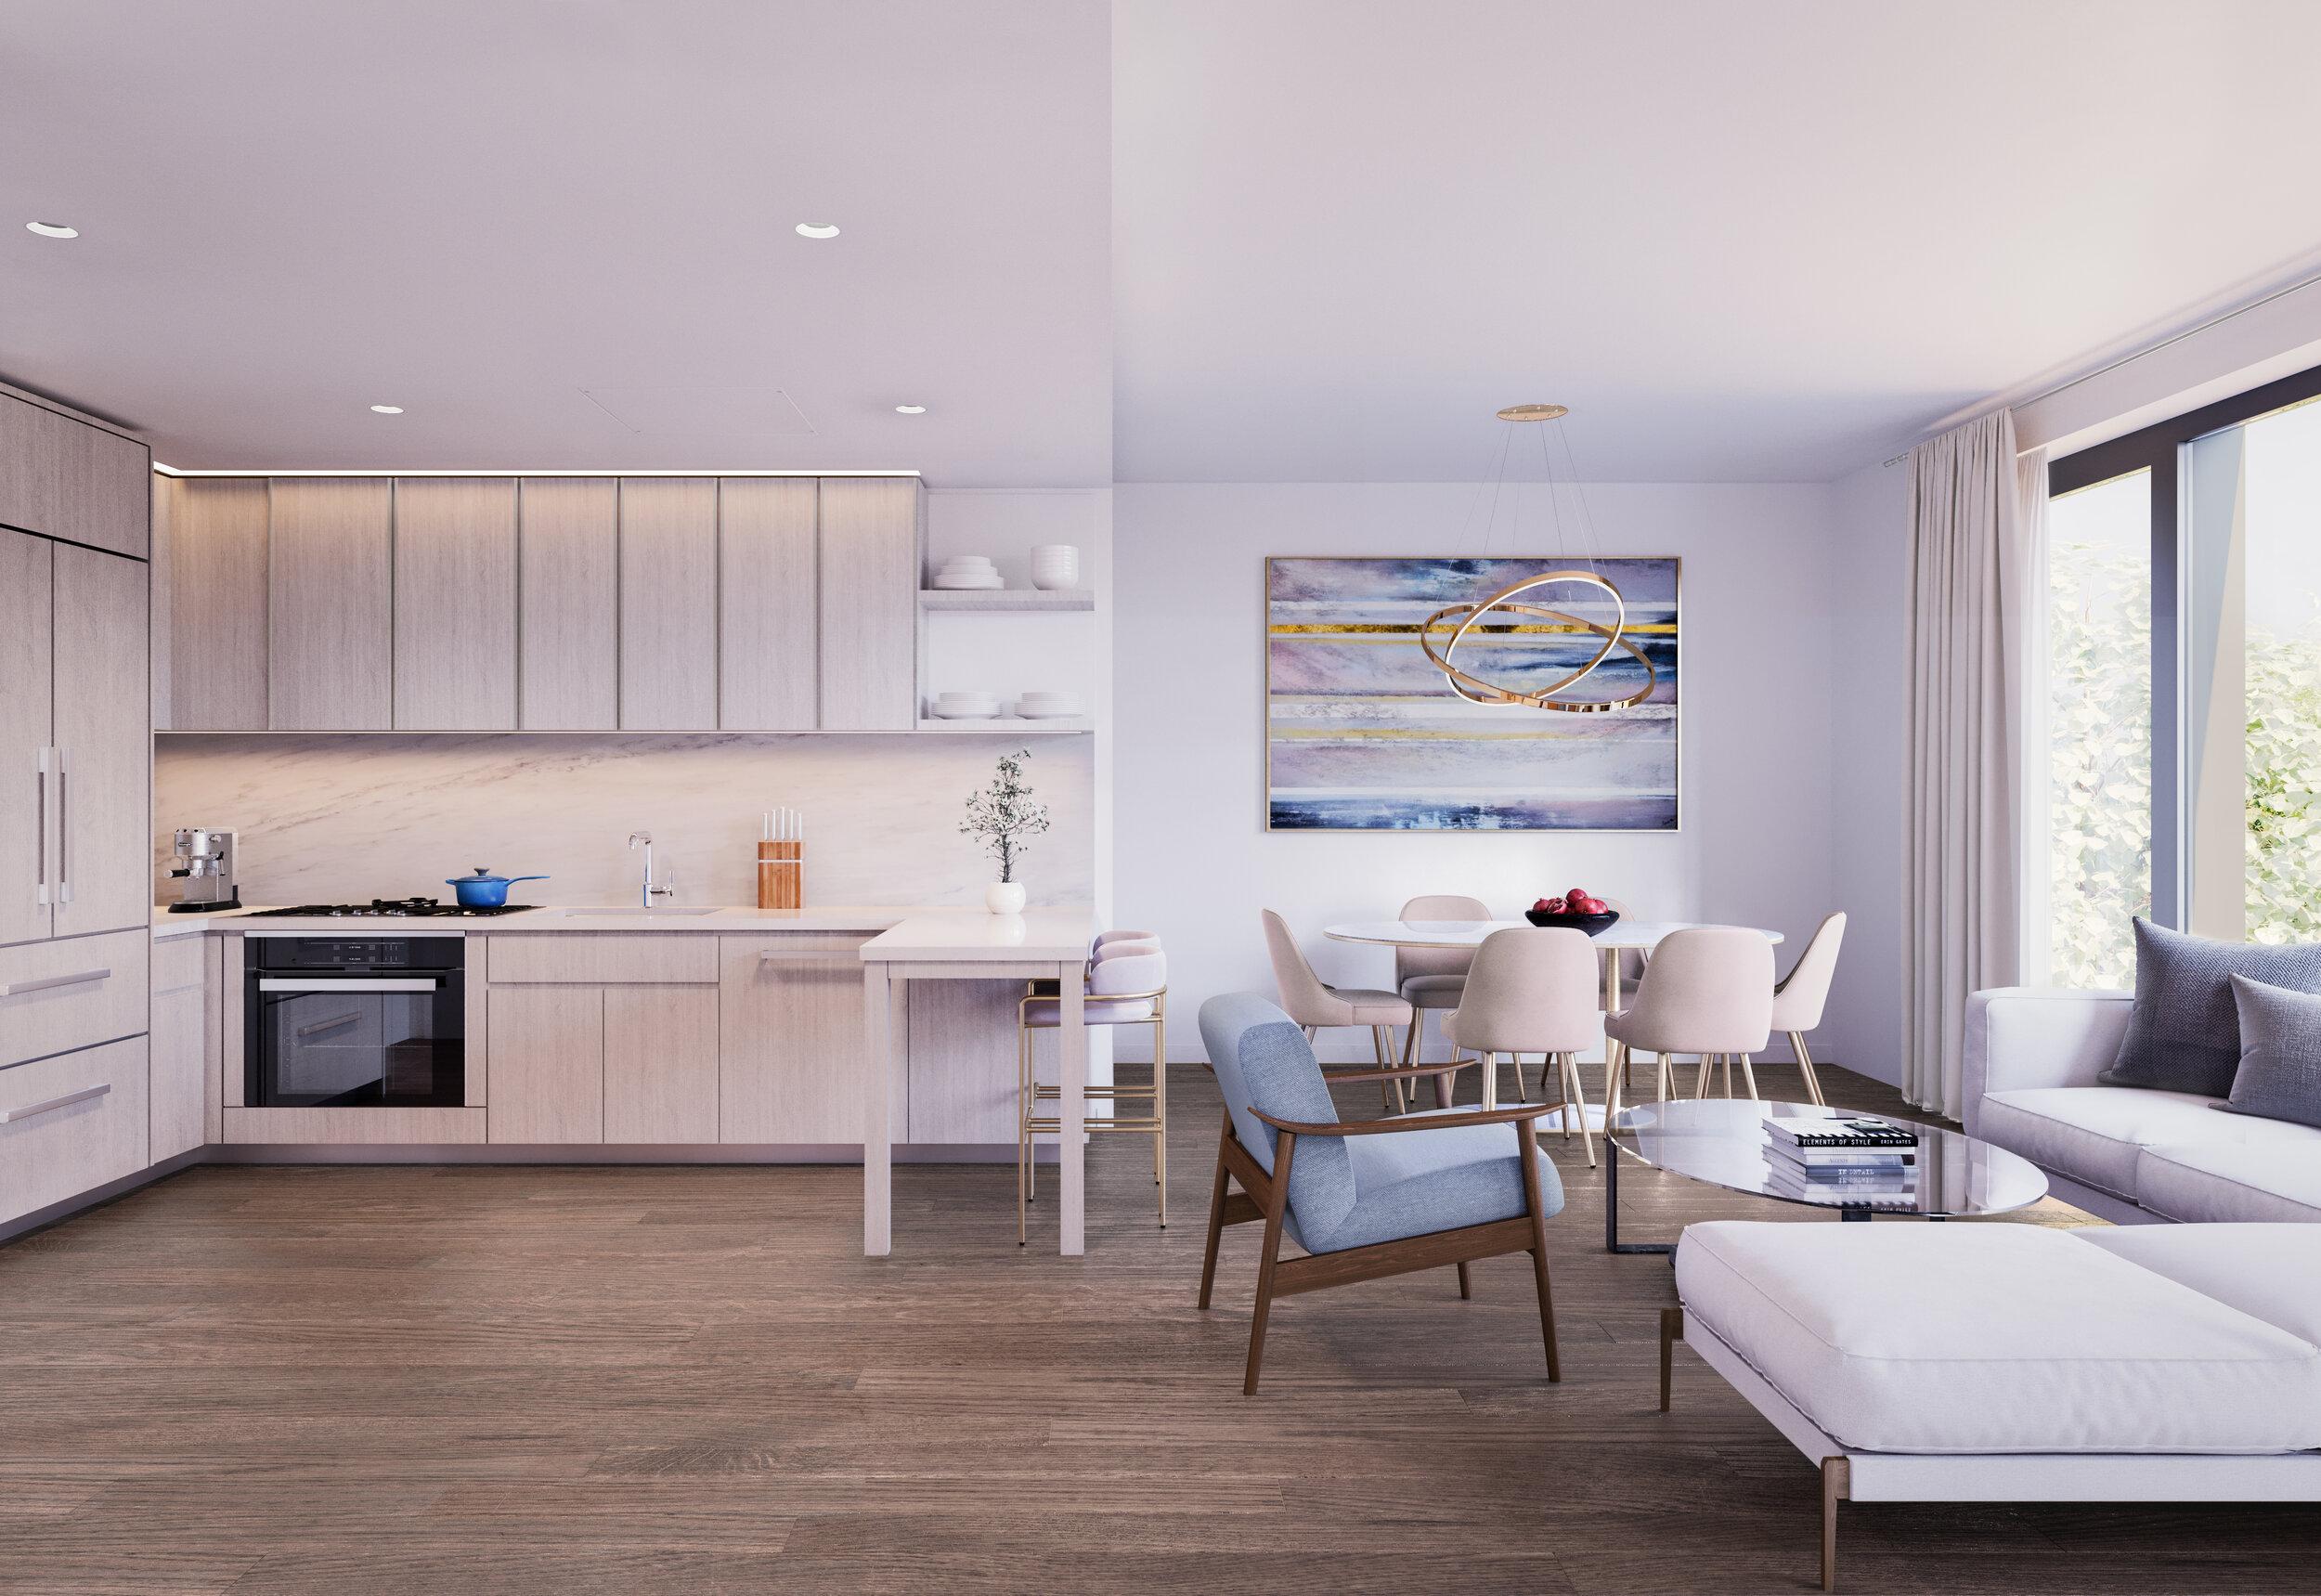 Living Room - Standard.jpg